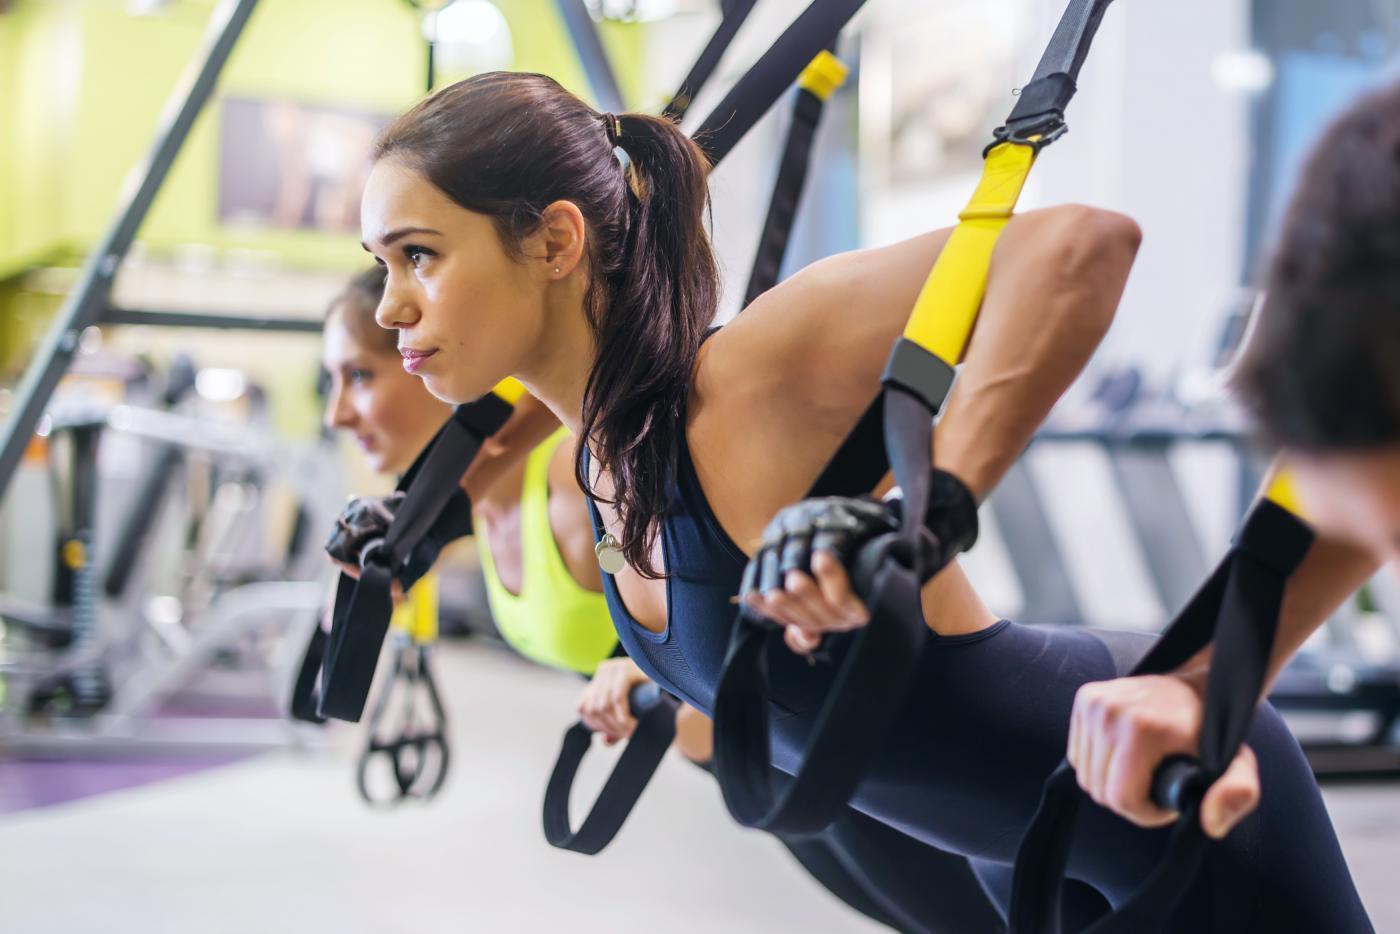 segítség flörtölés az edzőteremben